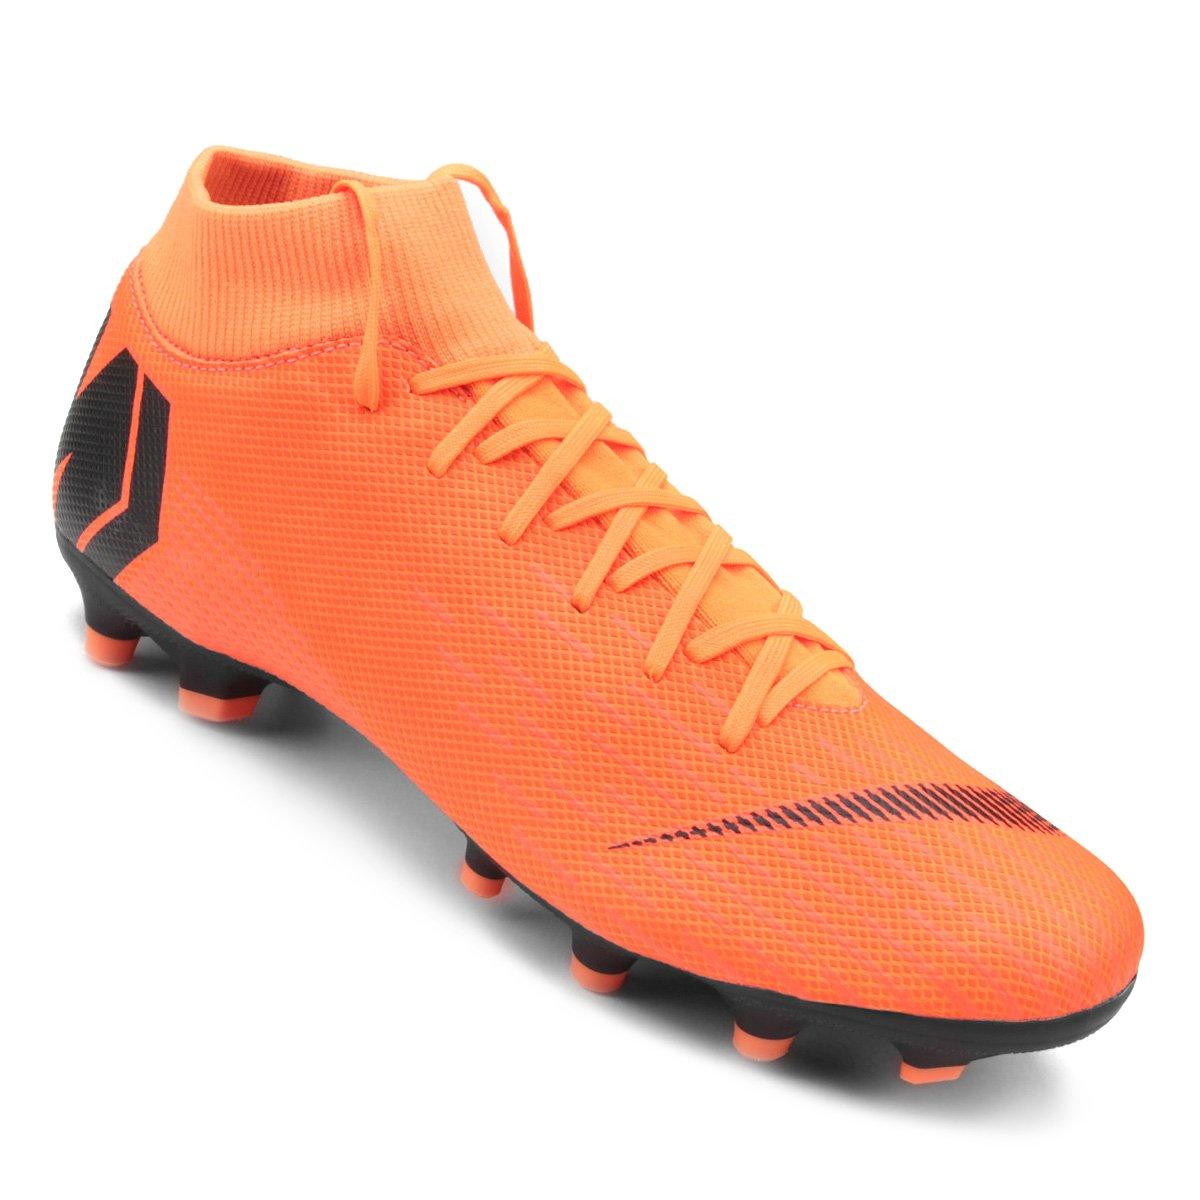 936b8fd03e9cf Chuteira Campo Nike Mercurial Superfly 6 Academy - Laranja e Preto | Shop  Timão